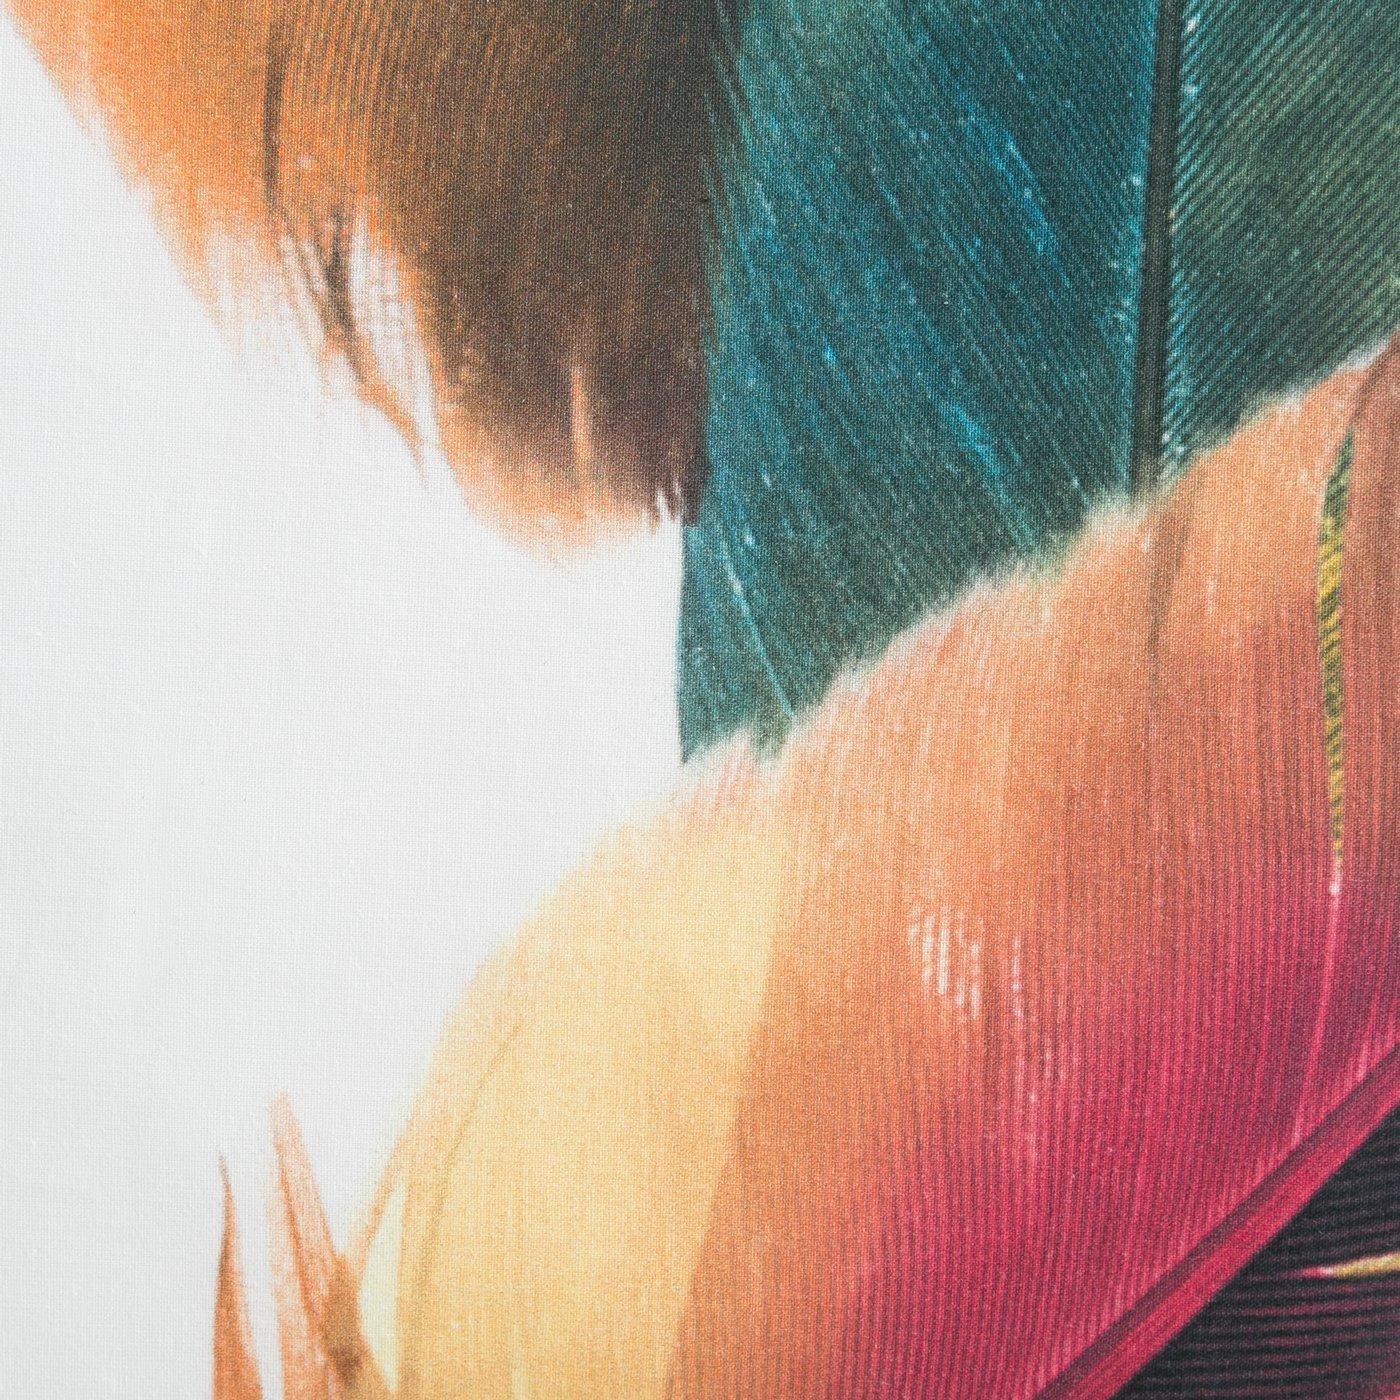 Komplet pościeli bawełnianej 160 x 200, 2 szt. 70 x 80 pióra boho hiszpańska bawełna